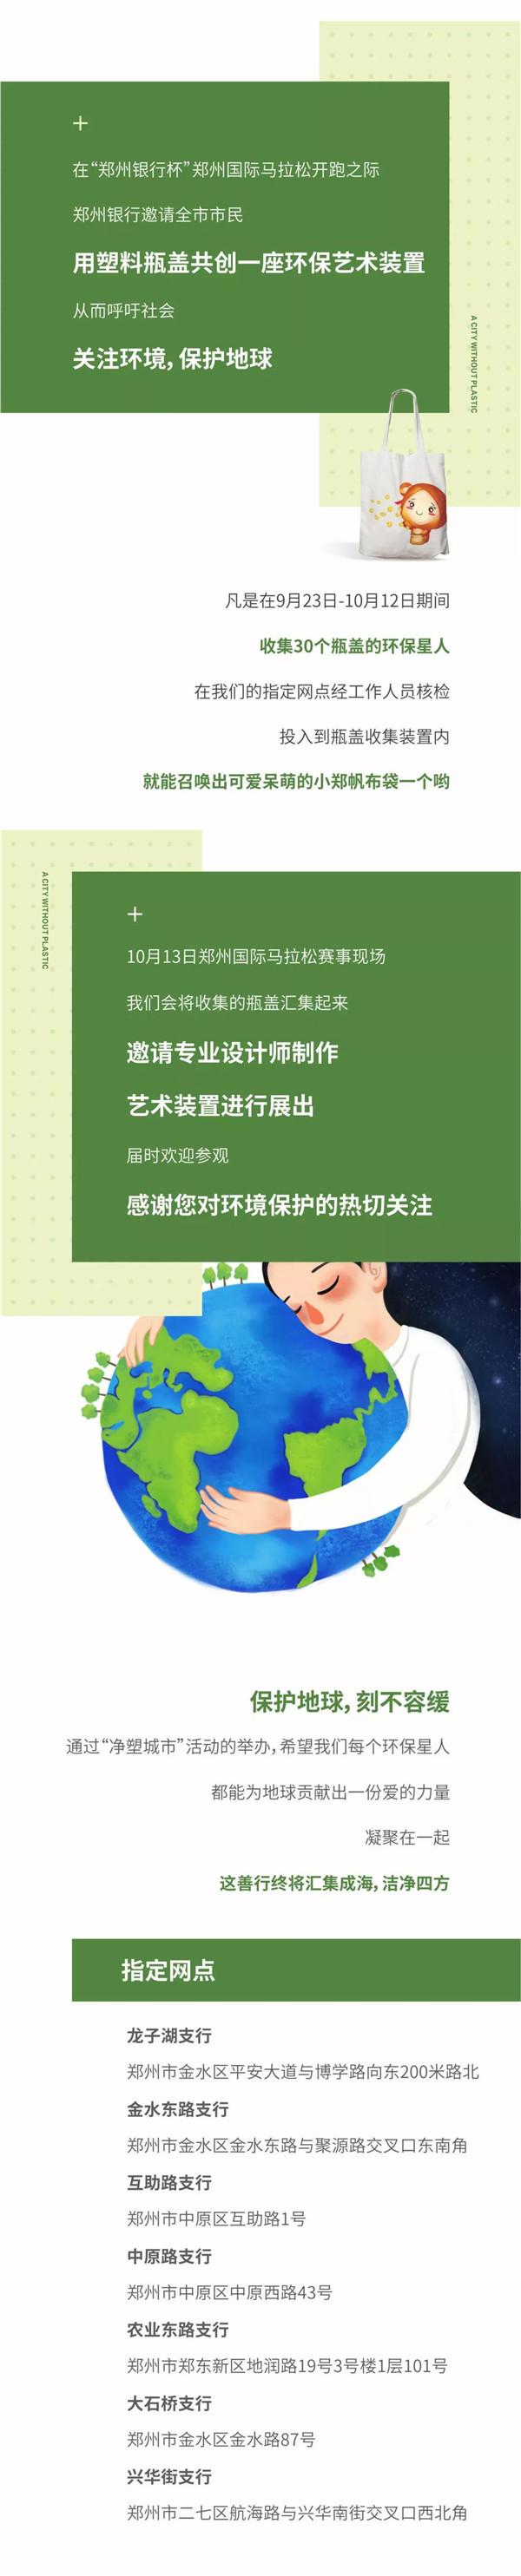 20190923郑州银行净塑城市-2.jpg